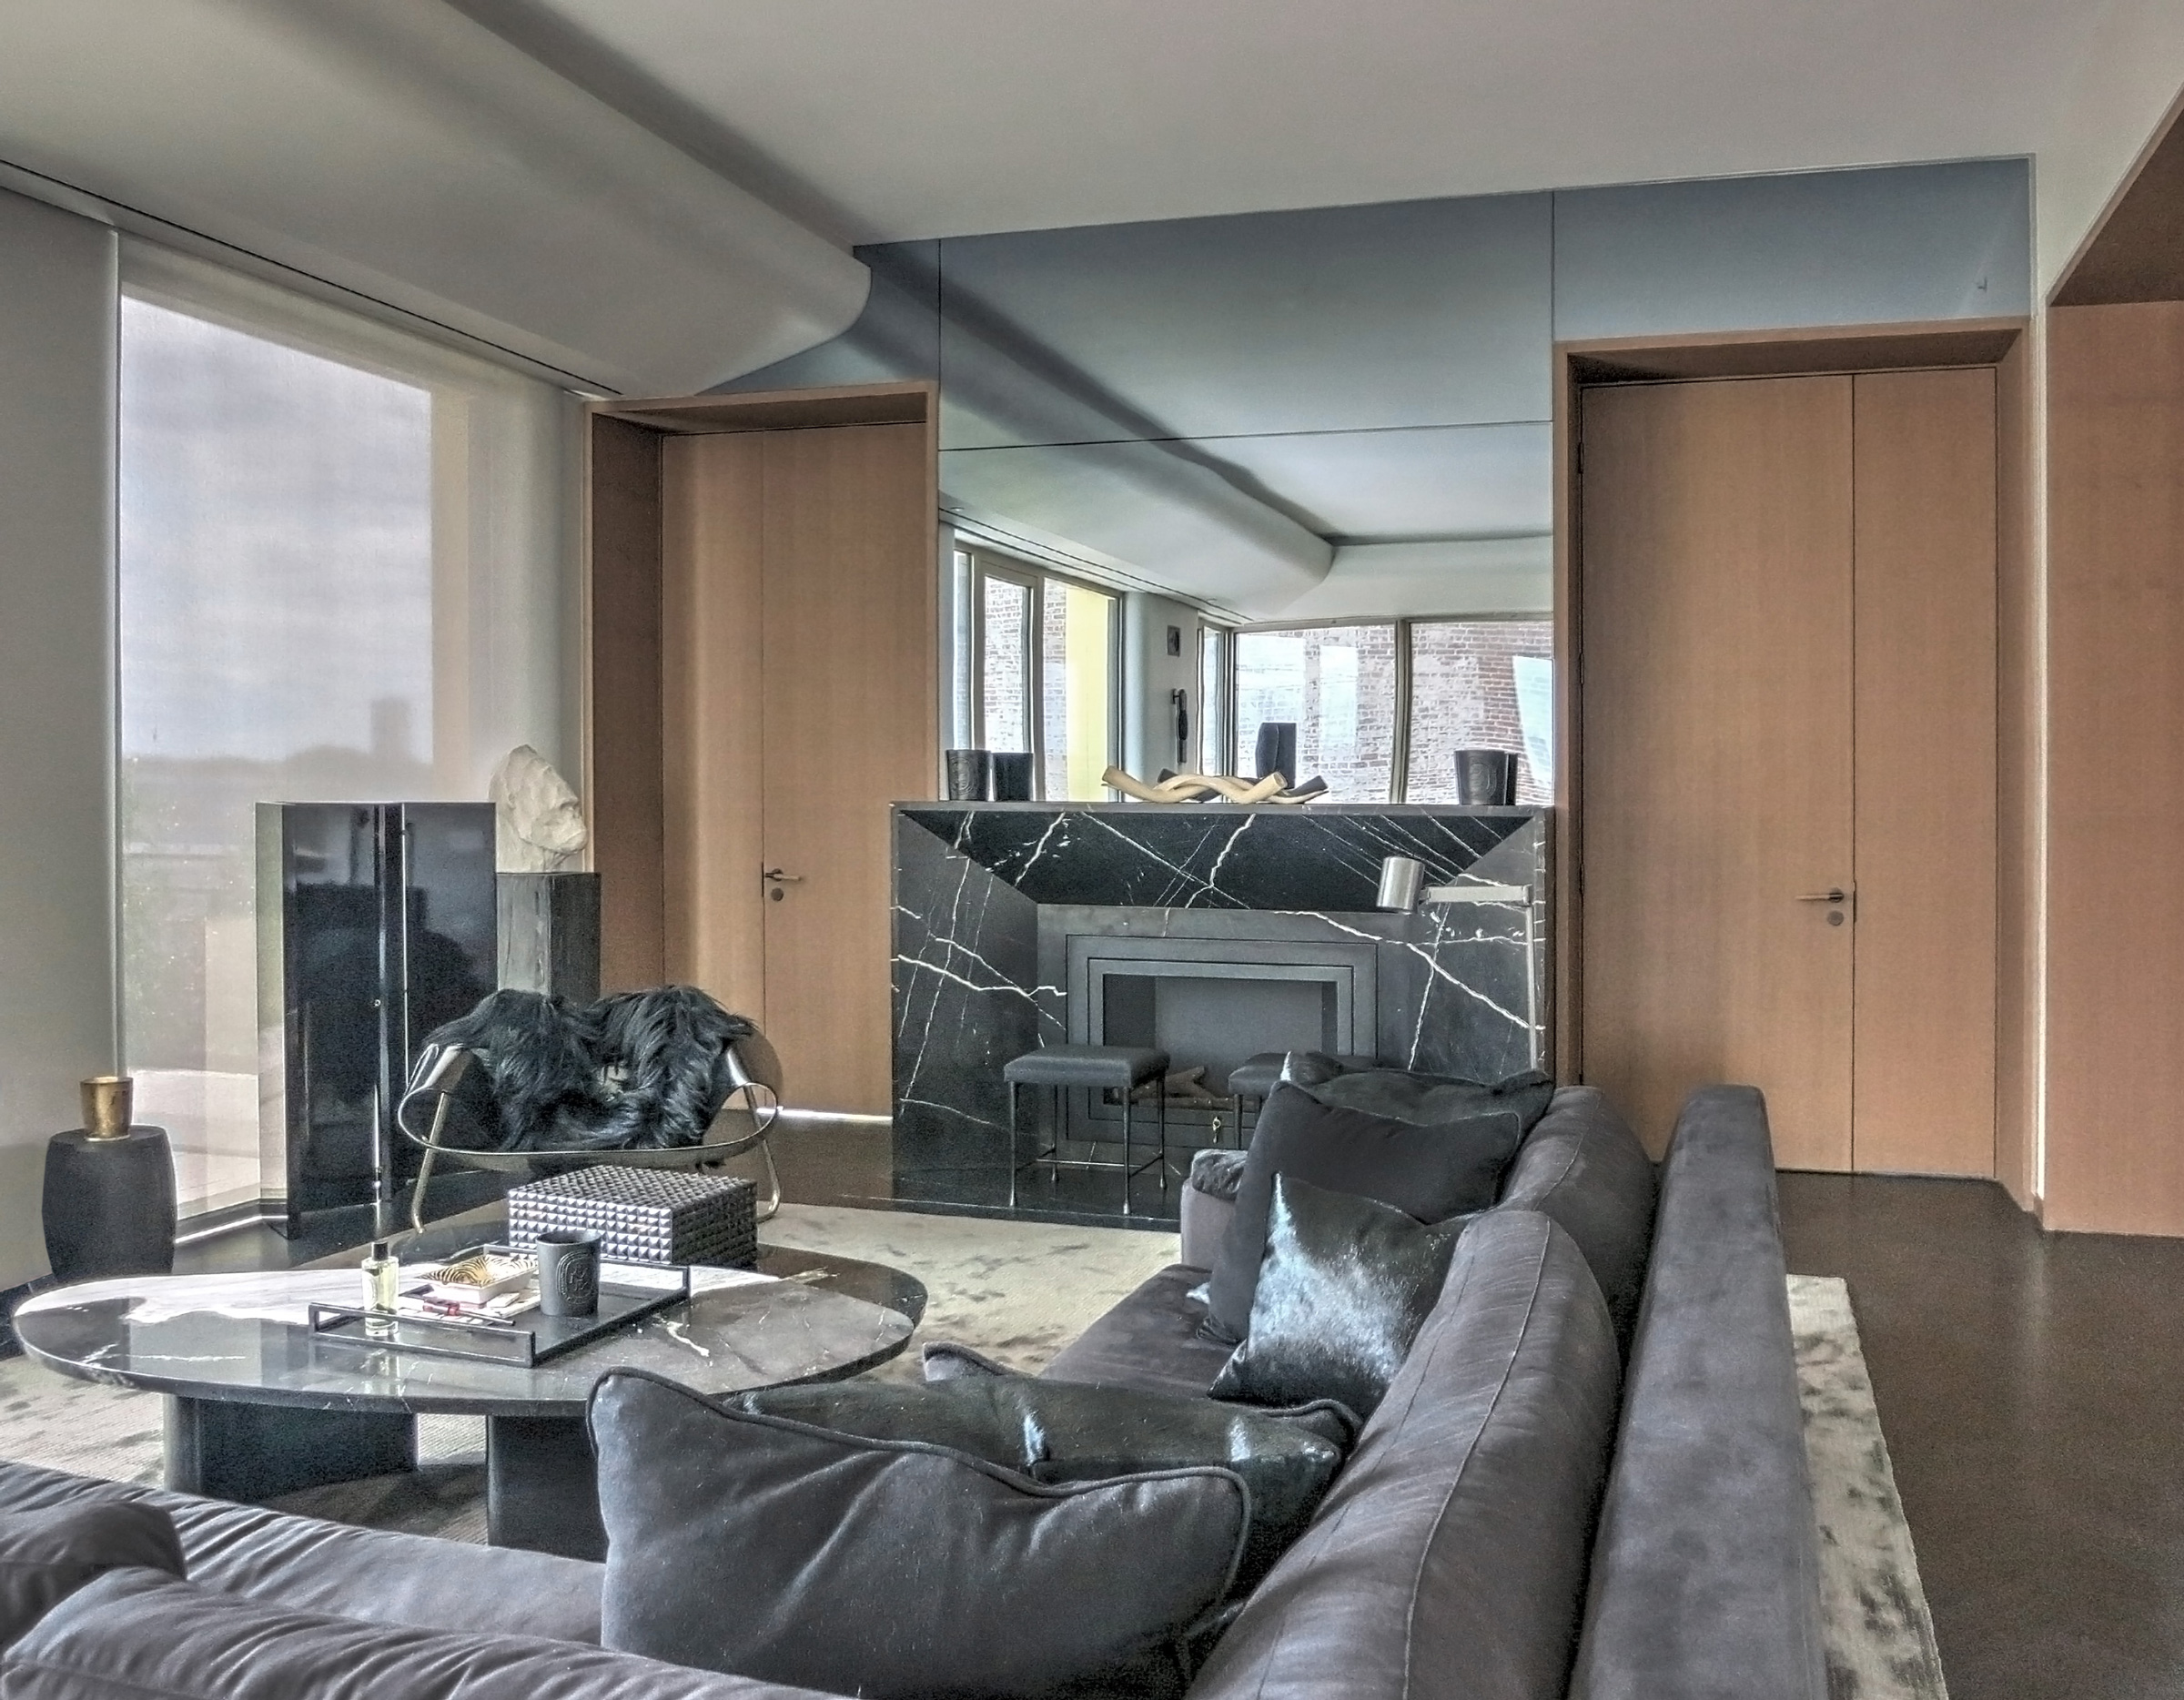 Chelsea_Living Room-2.jpg